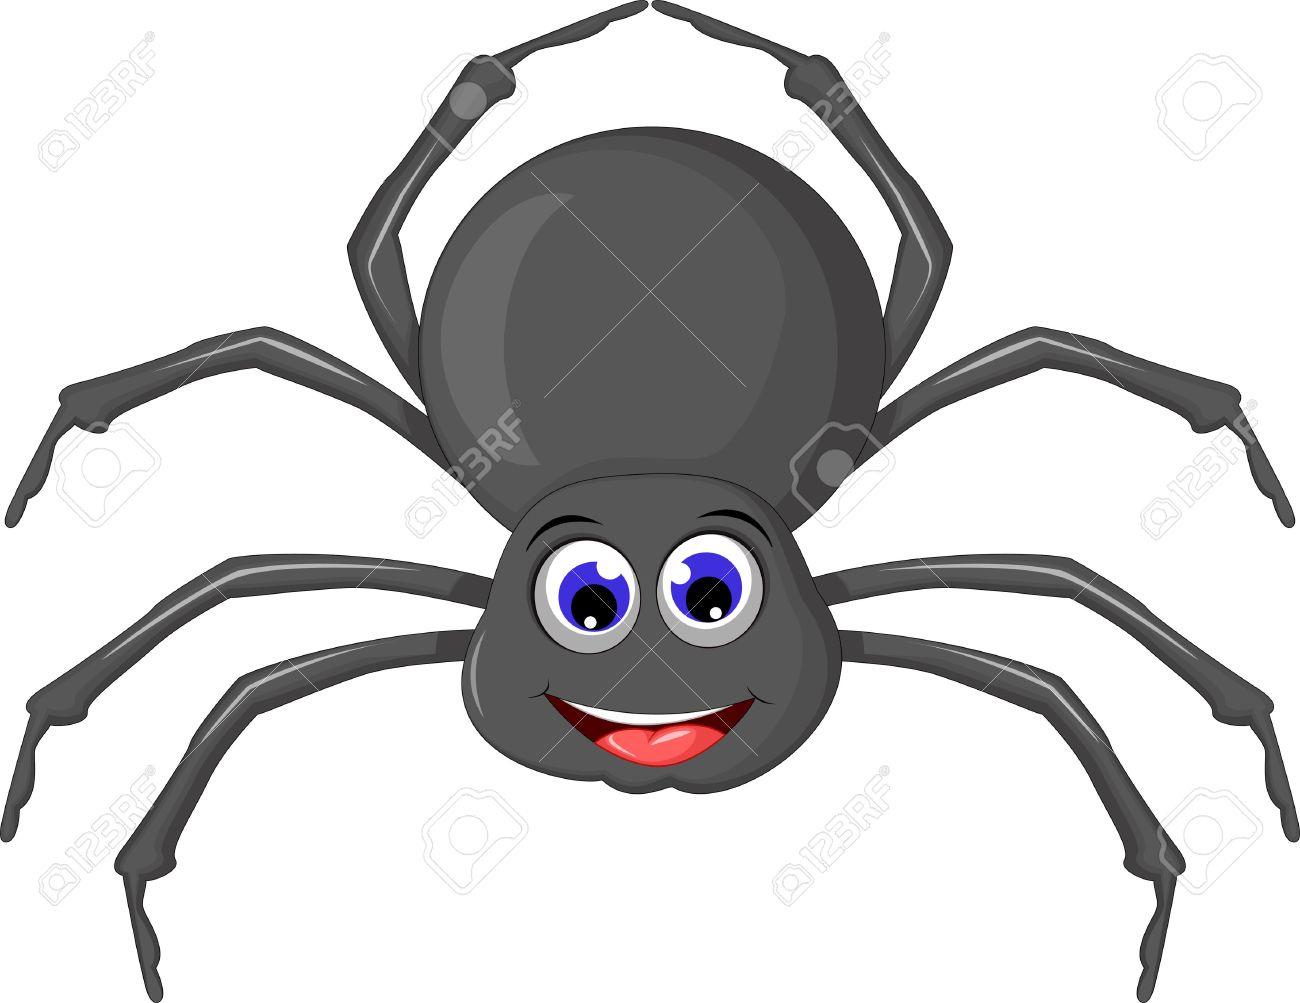 cute spider cartoon - 50740675